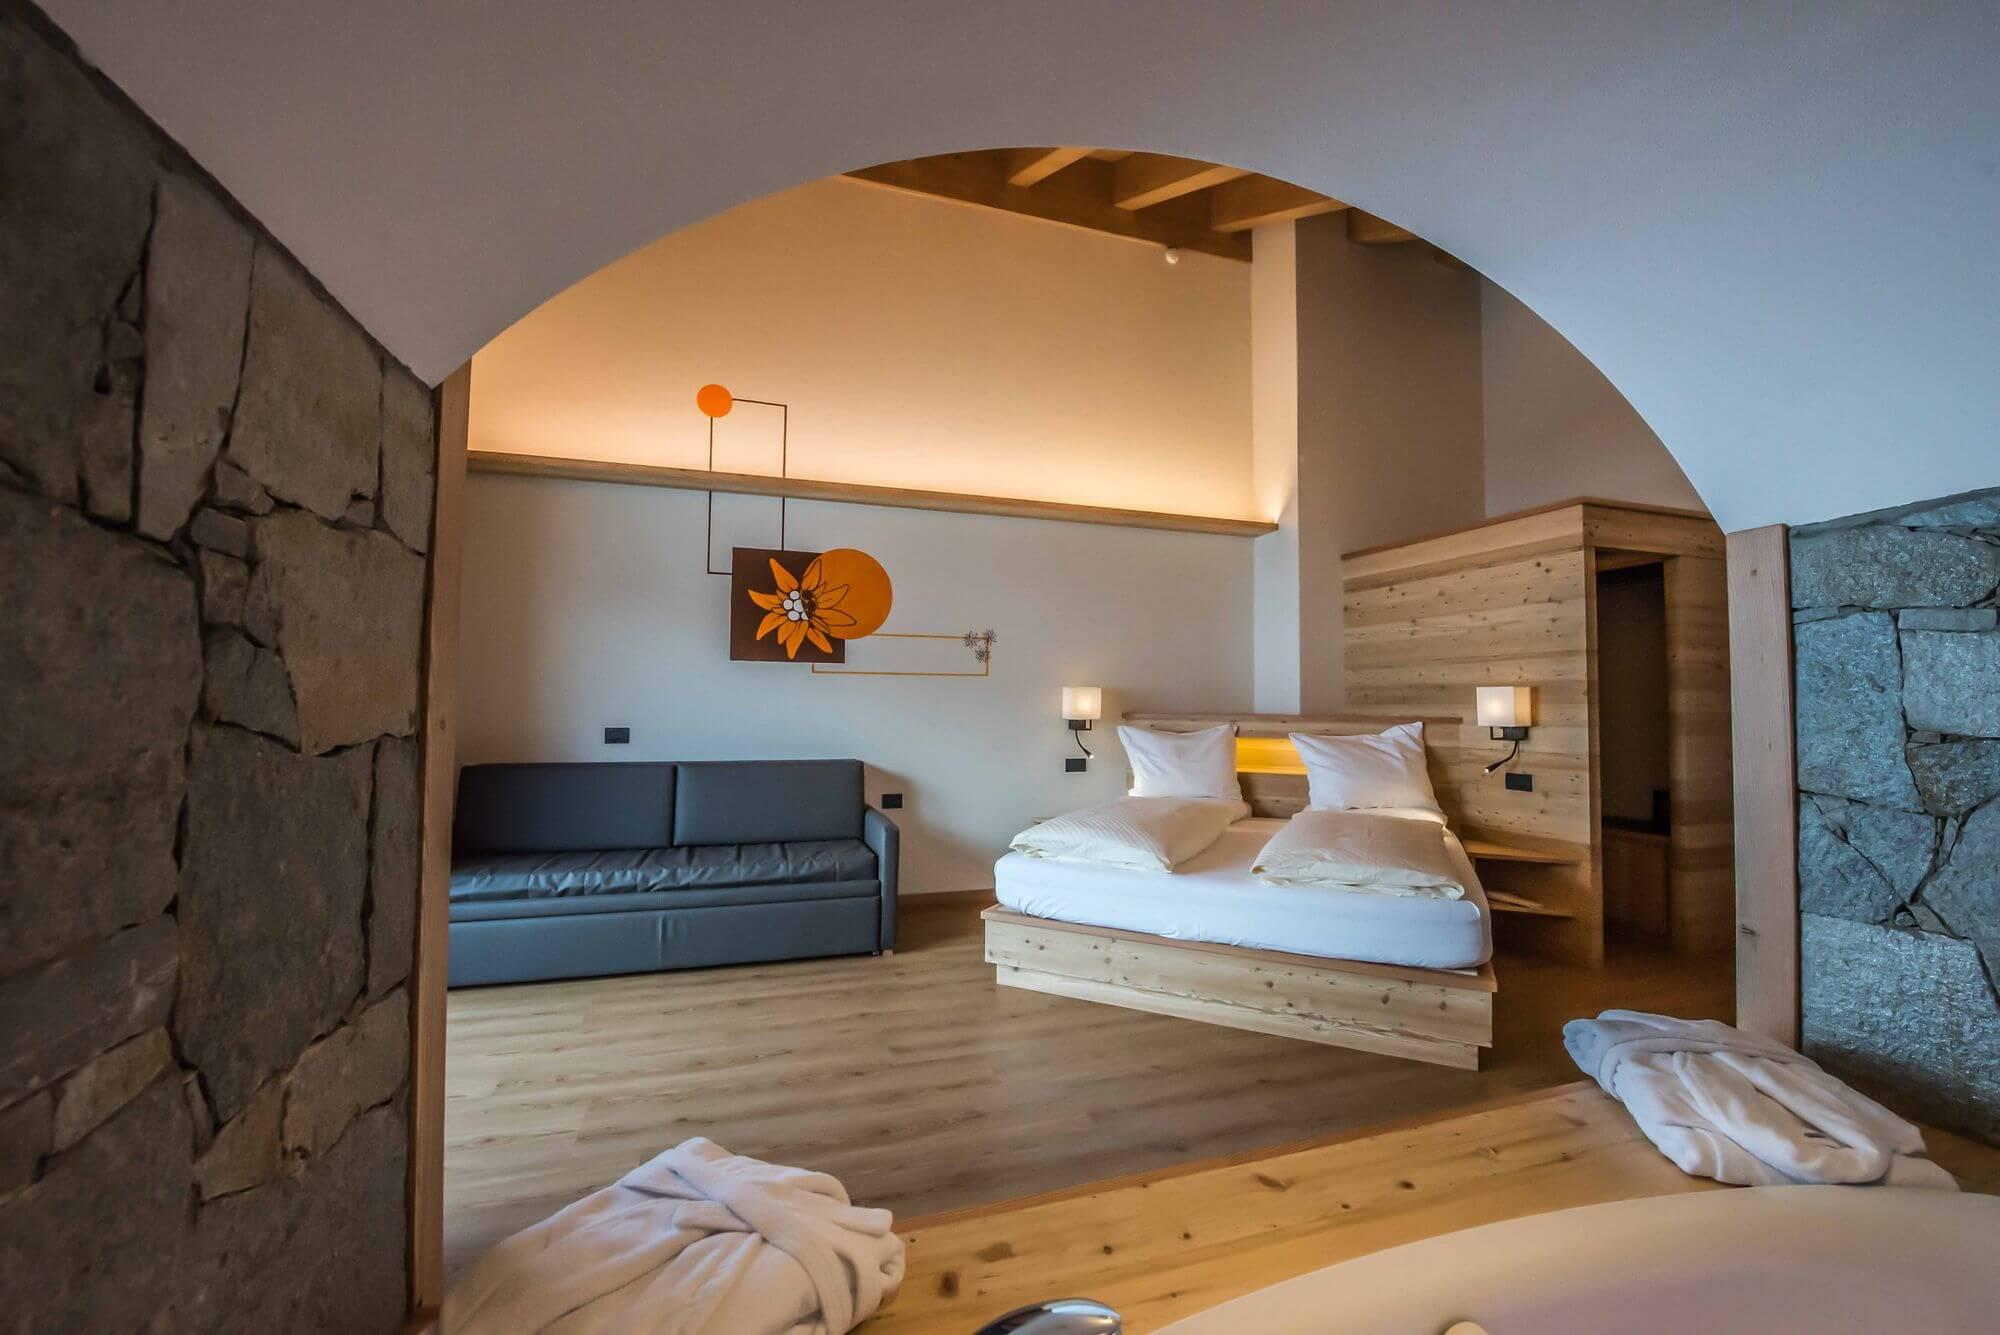 Vasca idromassaggio con pietre naturali: Hotel Le Alpi a Livigno